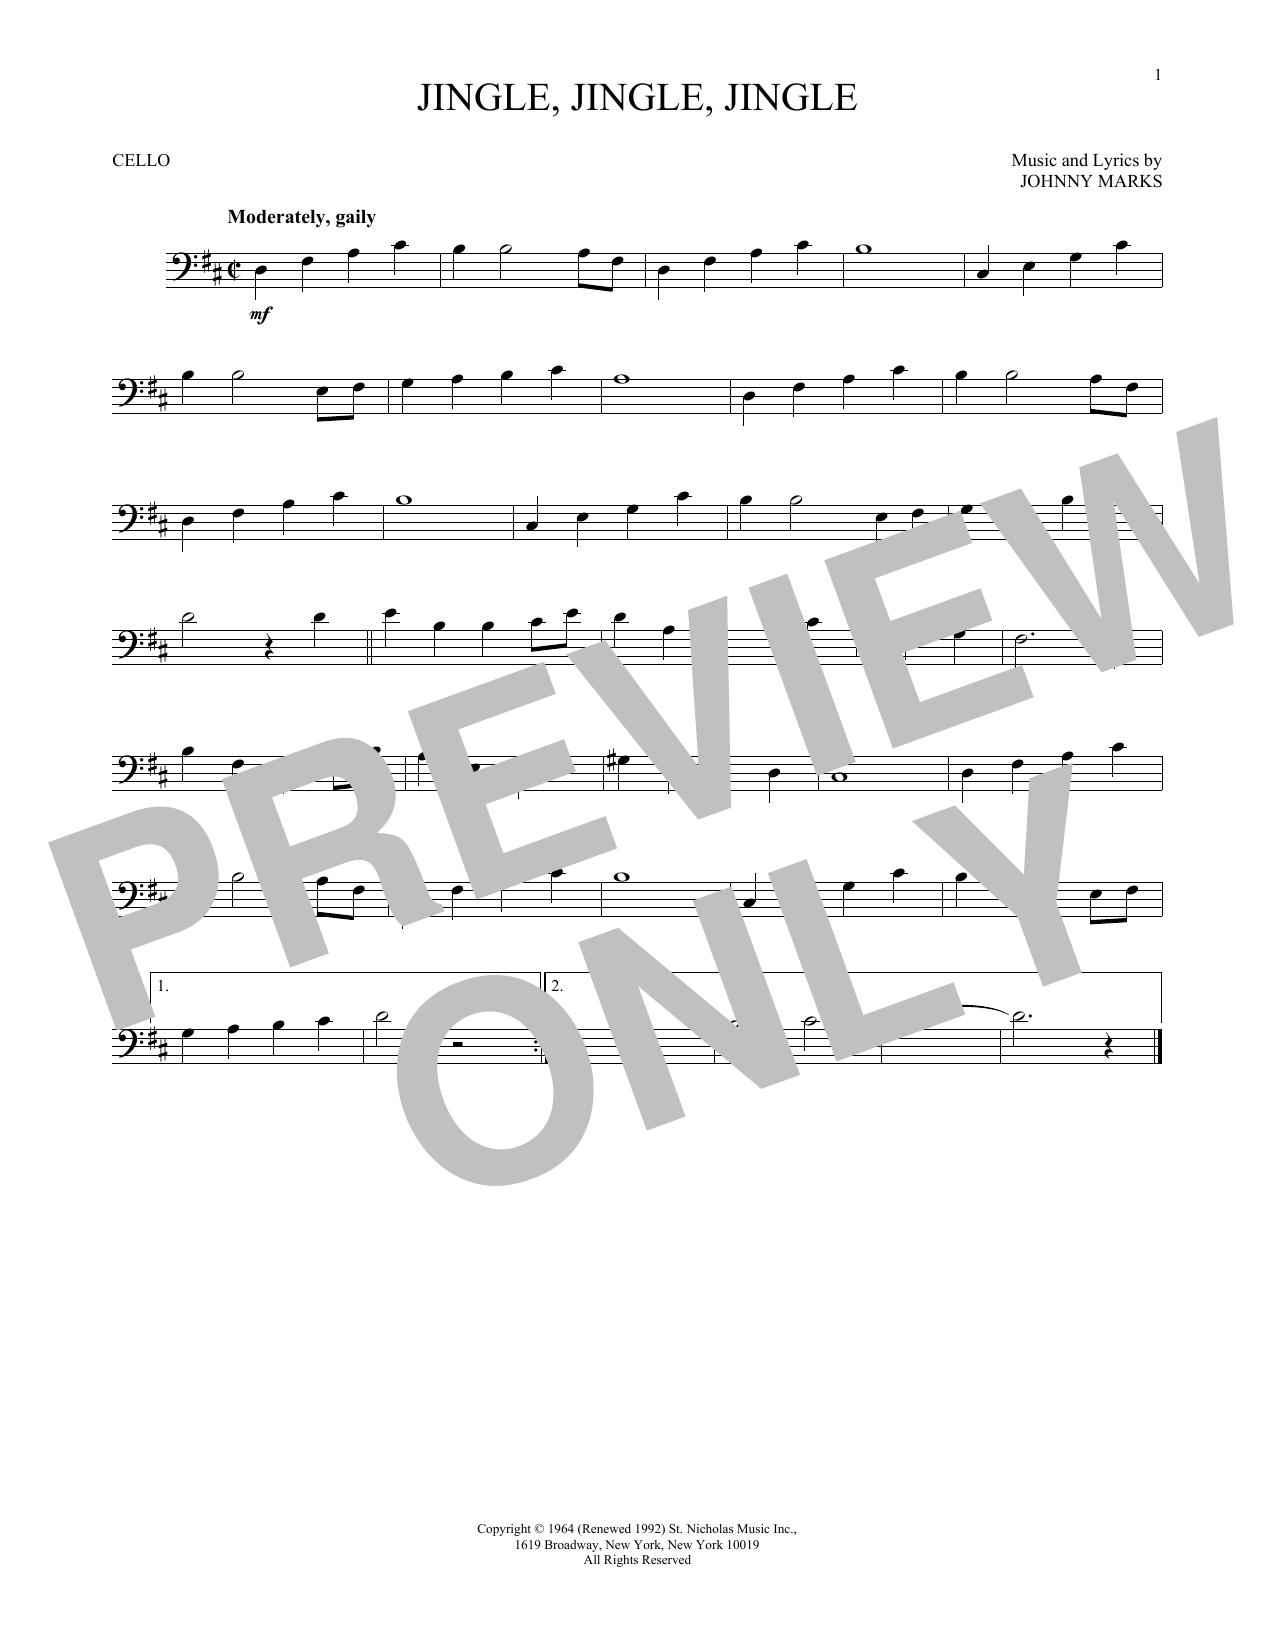 Jingle, Jingle, Jingle (Cello)